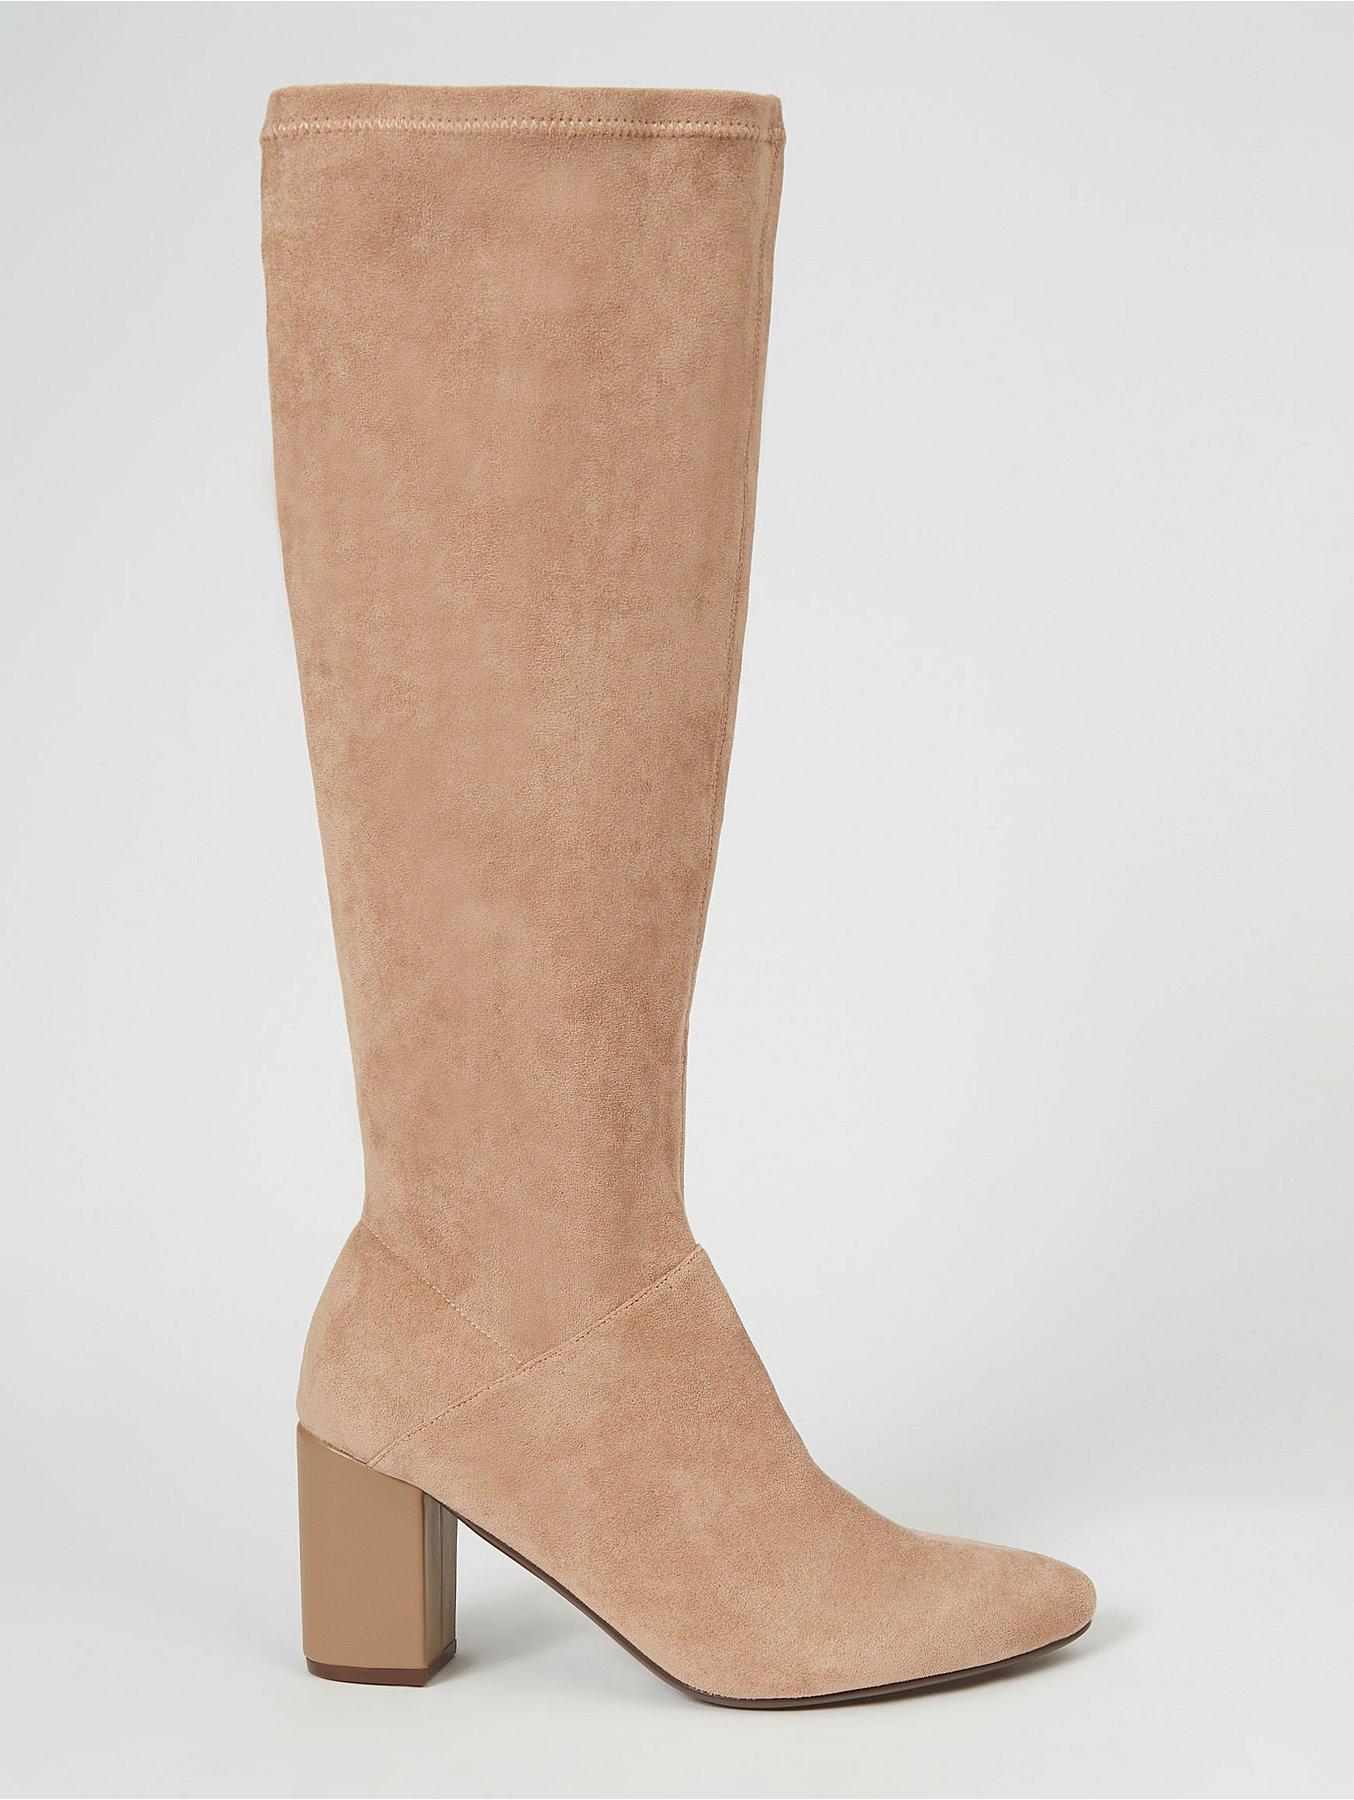 Beige Suede Effect Mid Heel Knee High Boots